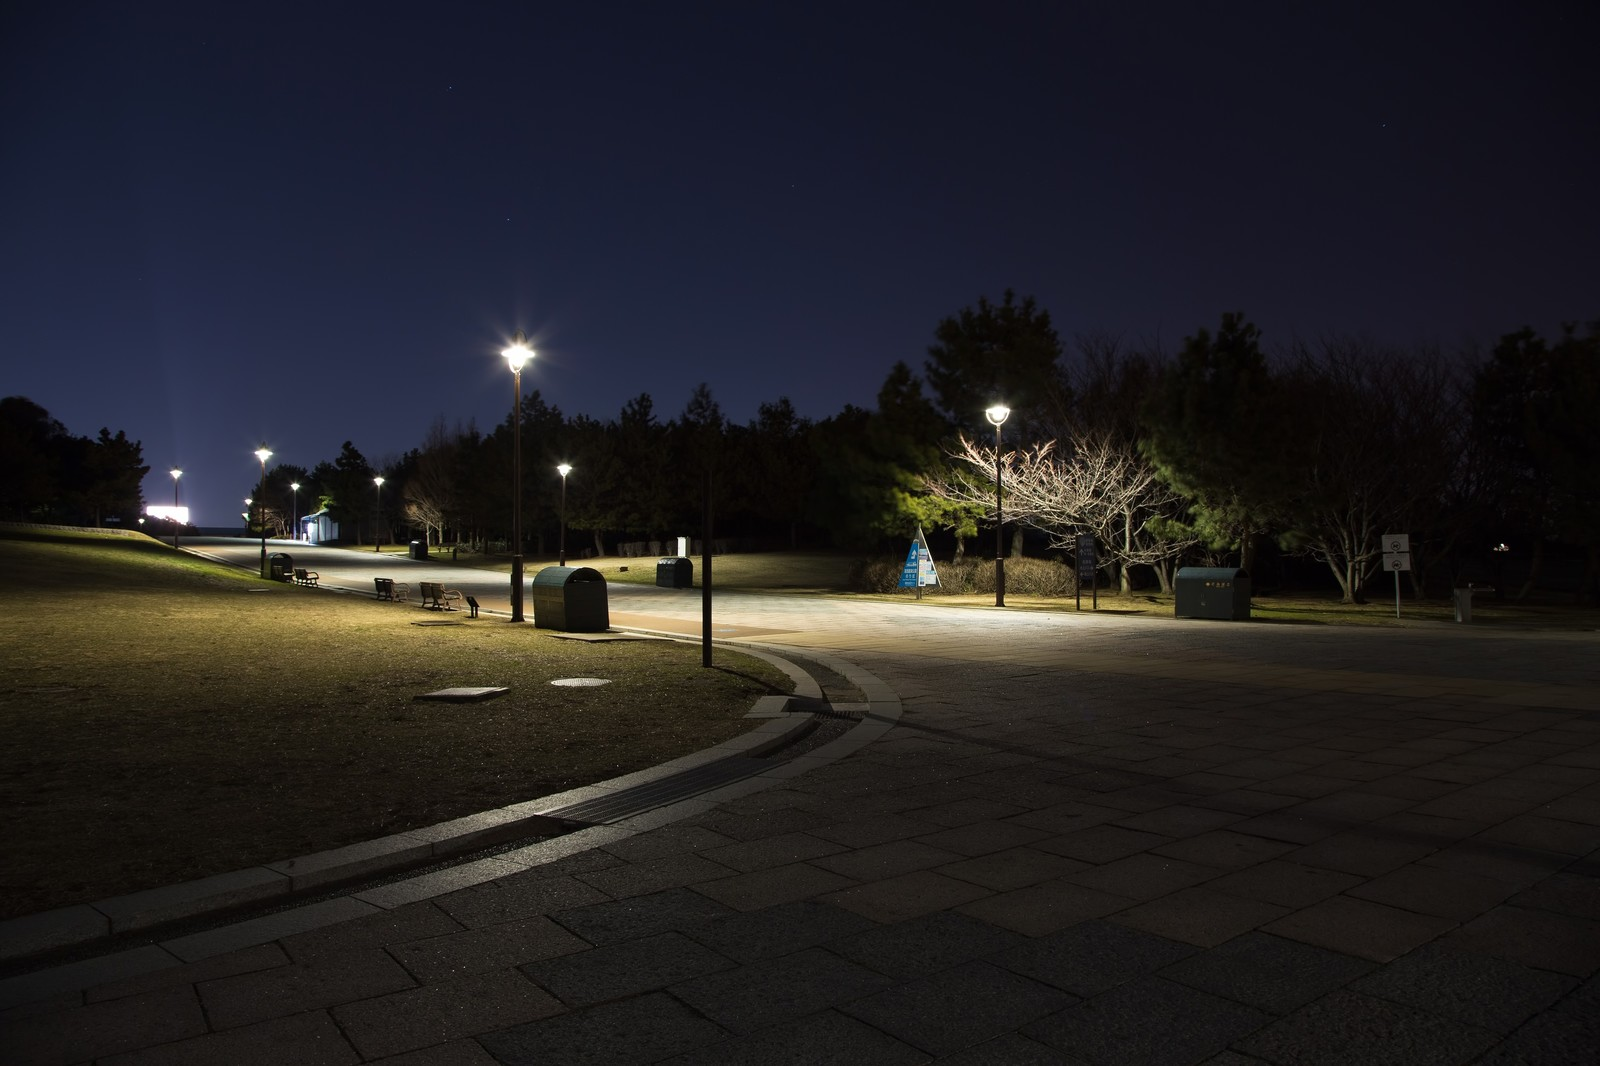 「深夜の葛西臨海公園深夜の葛西臨海公園」のフリー写真素材を拡大